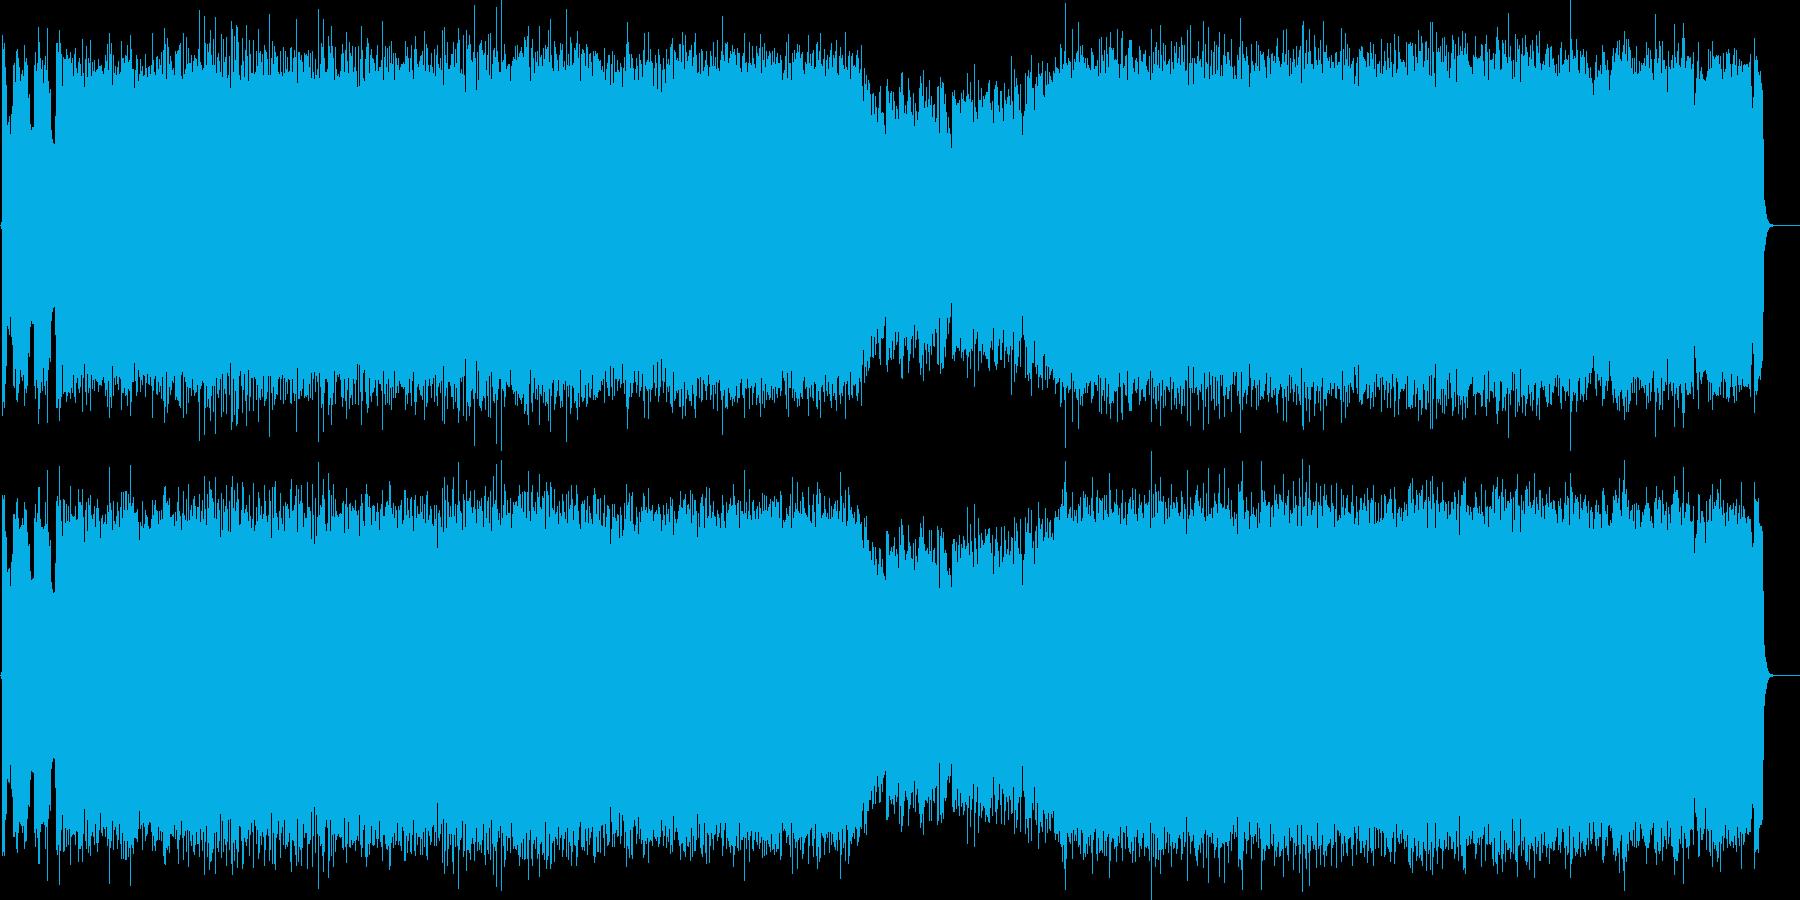 たくましいリフ、そして優しいメロディー…の再生済みの波形